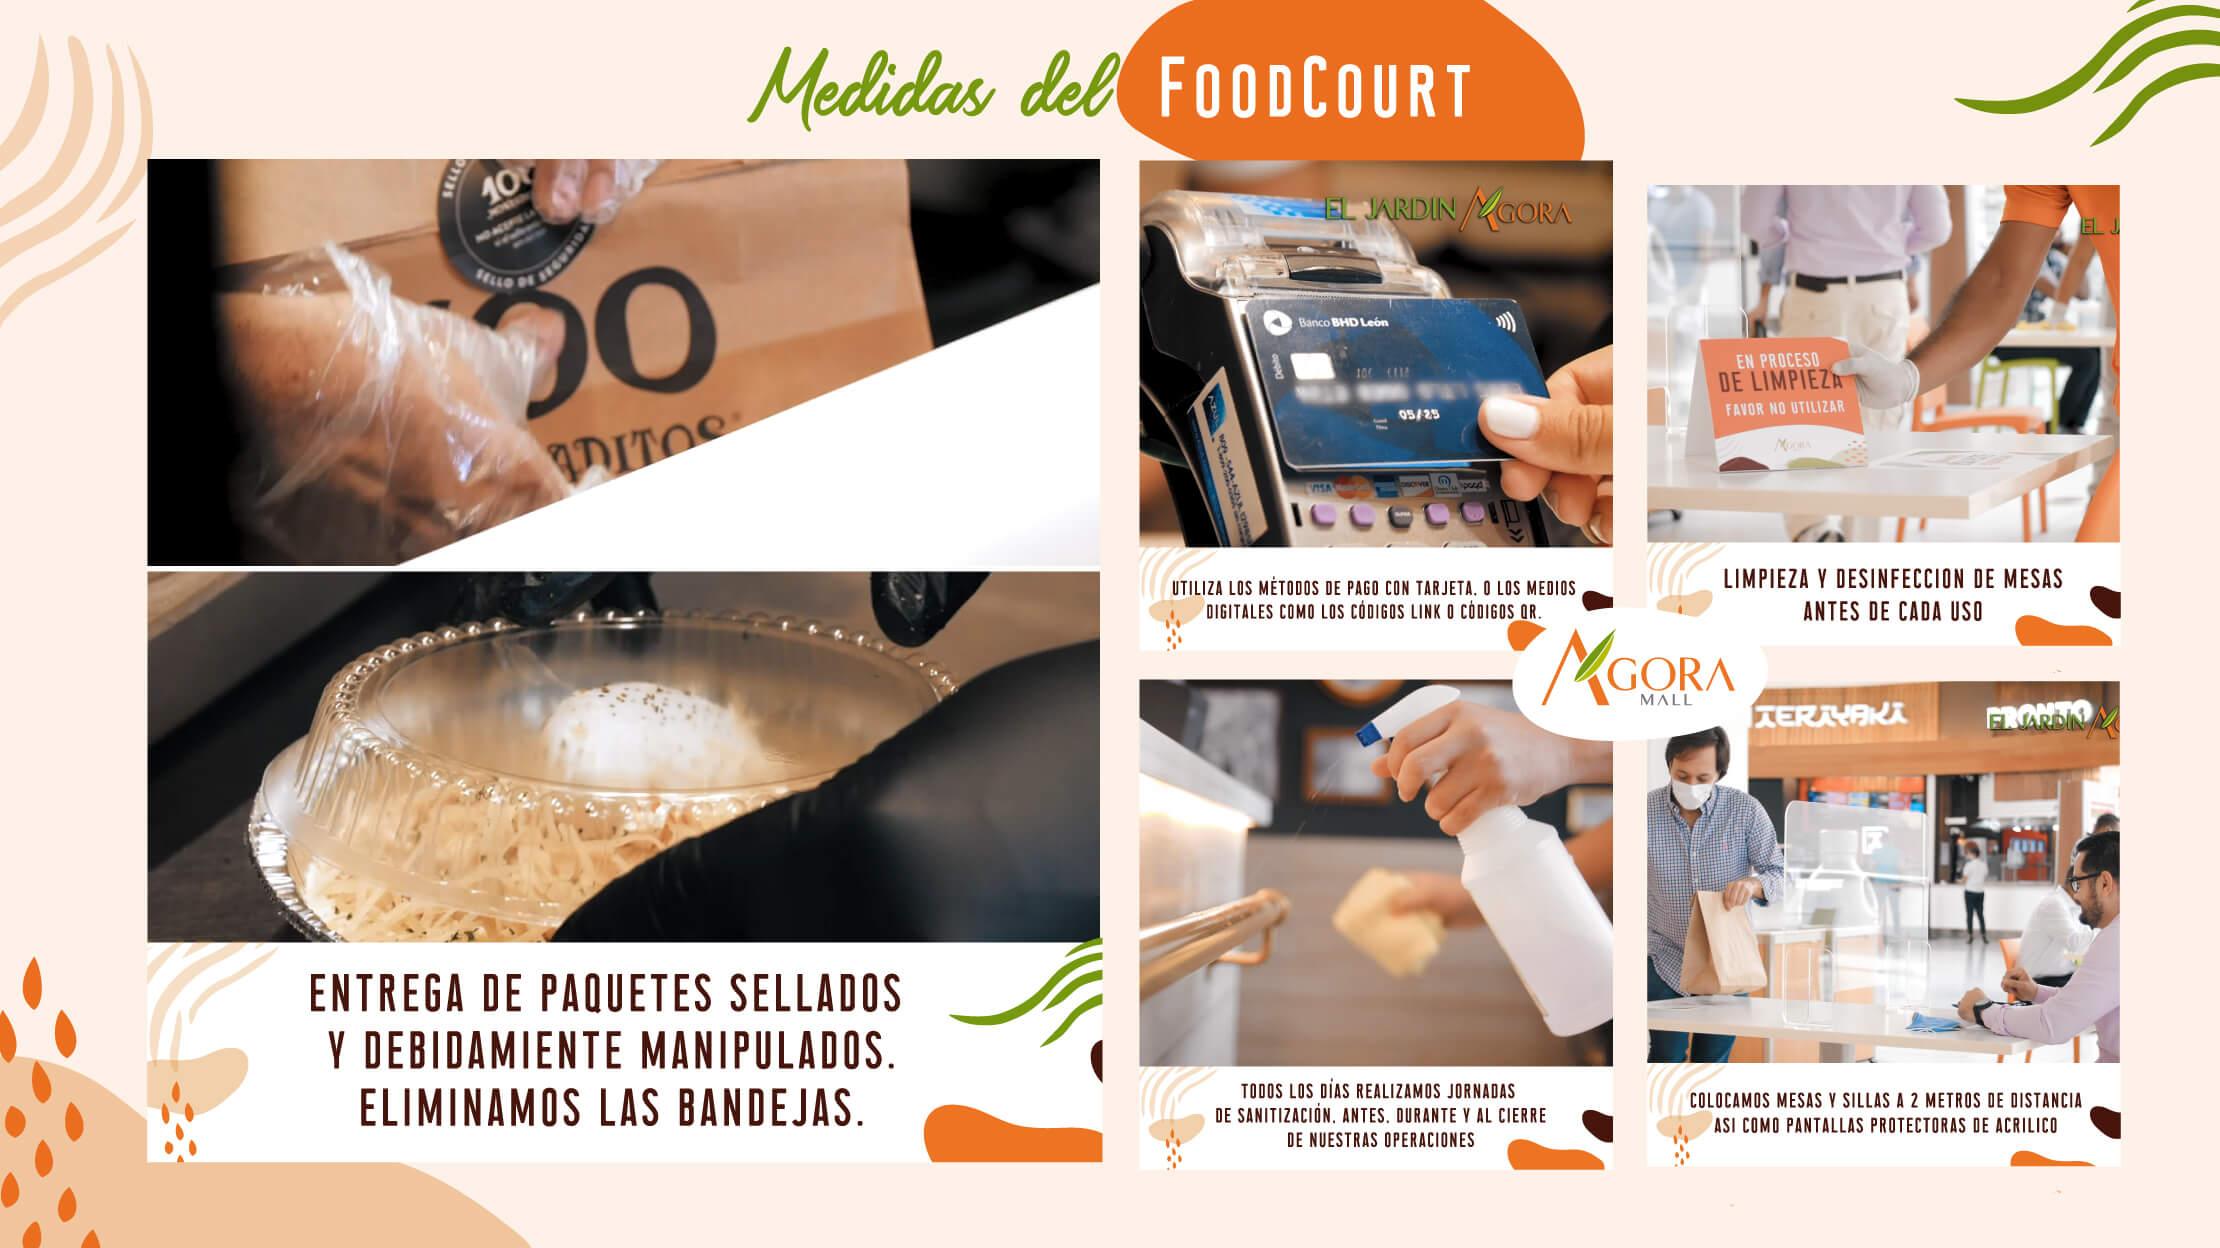 Medidas desinfección FoodCourt 2